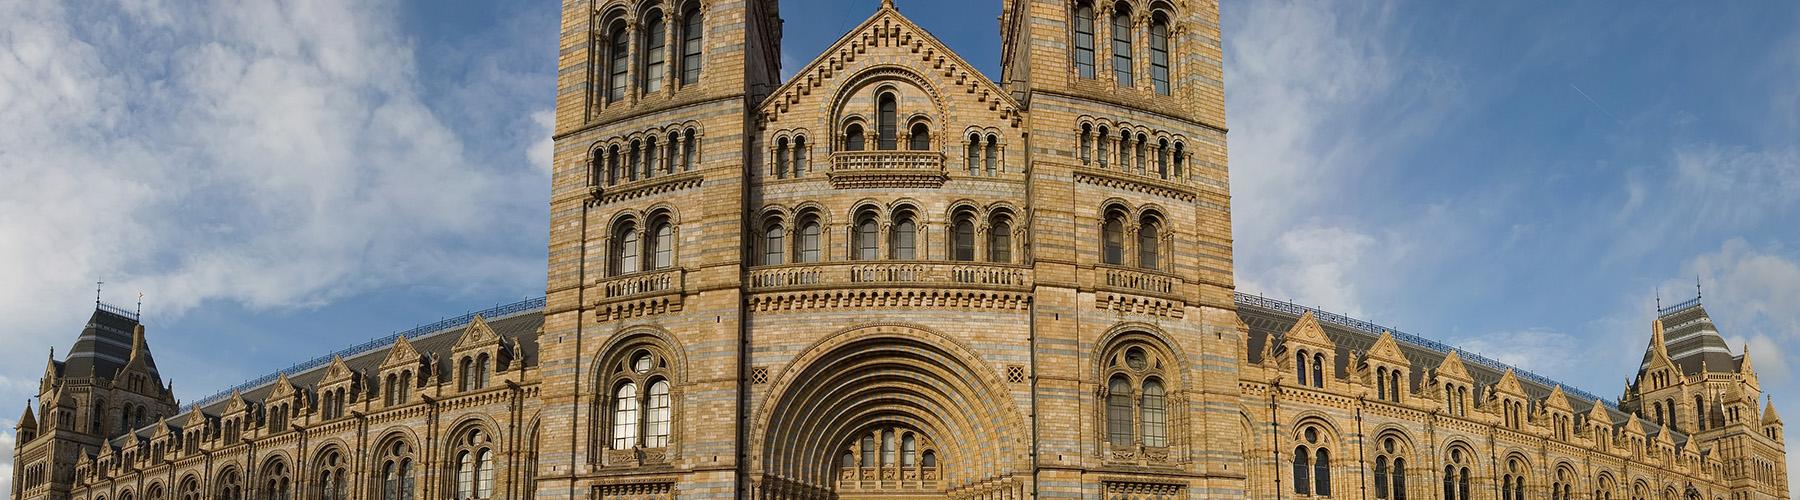 런던 - 자연사 박물관와 가까운 호스텔. 런던의 지도, 런던에 위치한 호스텔 사진 및 후기 정보.